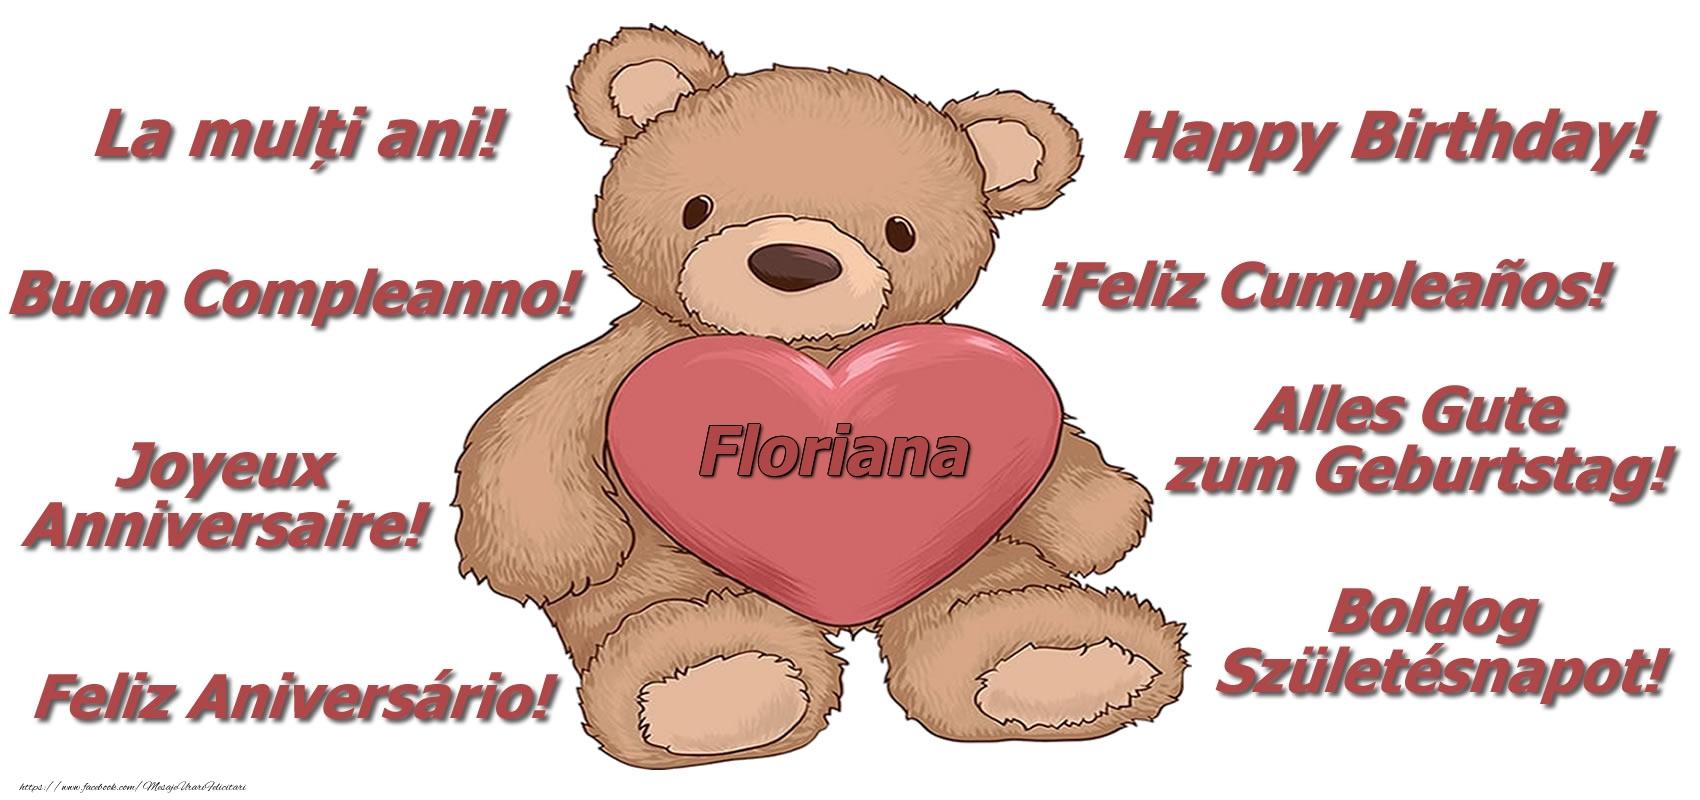 Felicitari de zi de nastere - La multi ani Floriana! - Ursulet